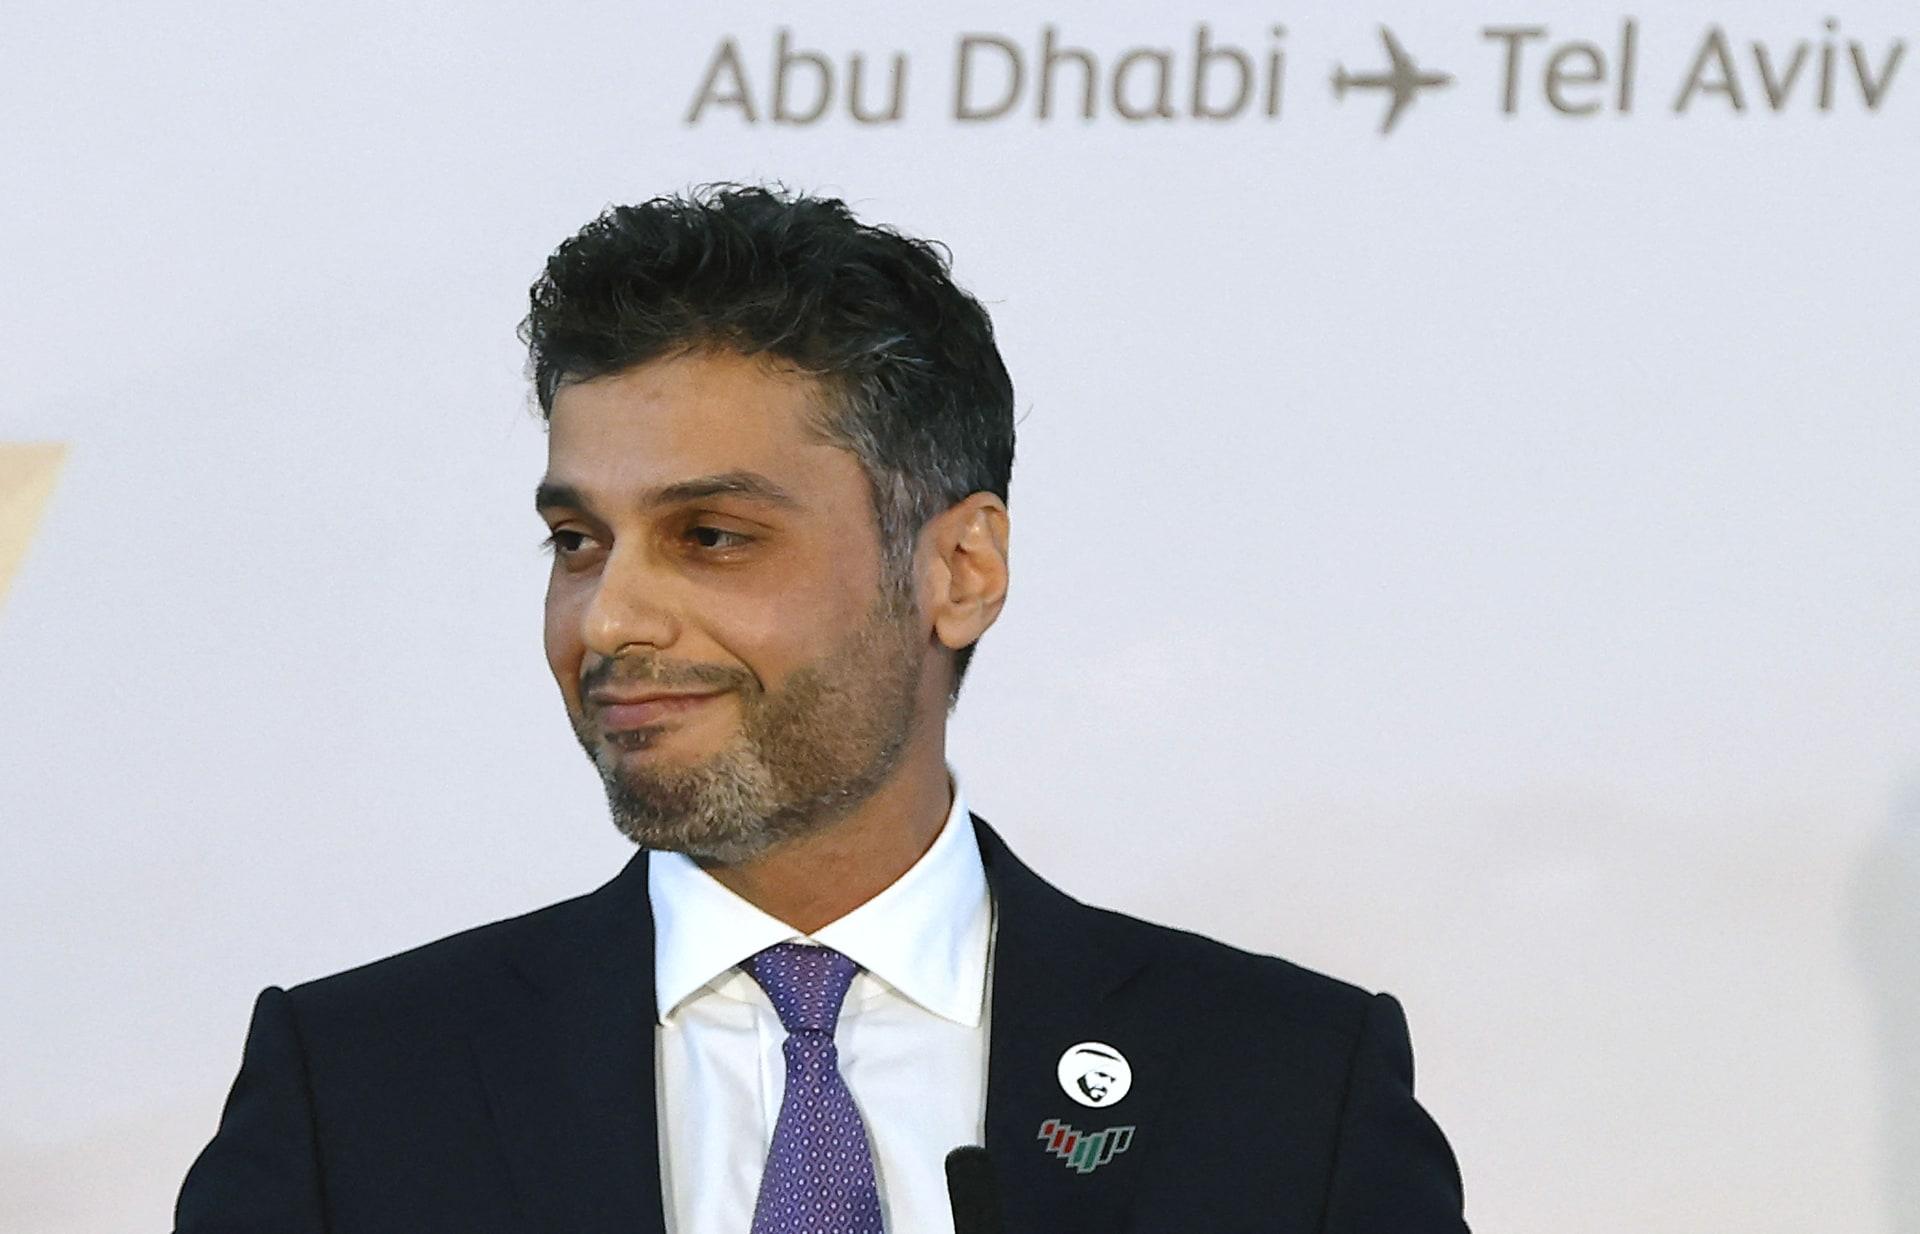 السفير الإماراتي لدى إسرائيل، محمد آل خاجة